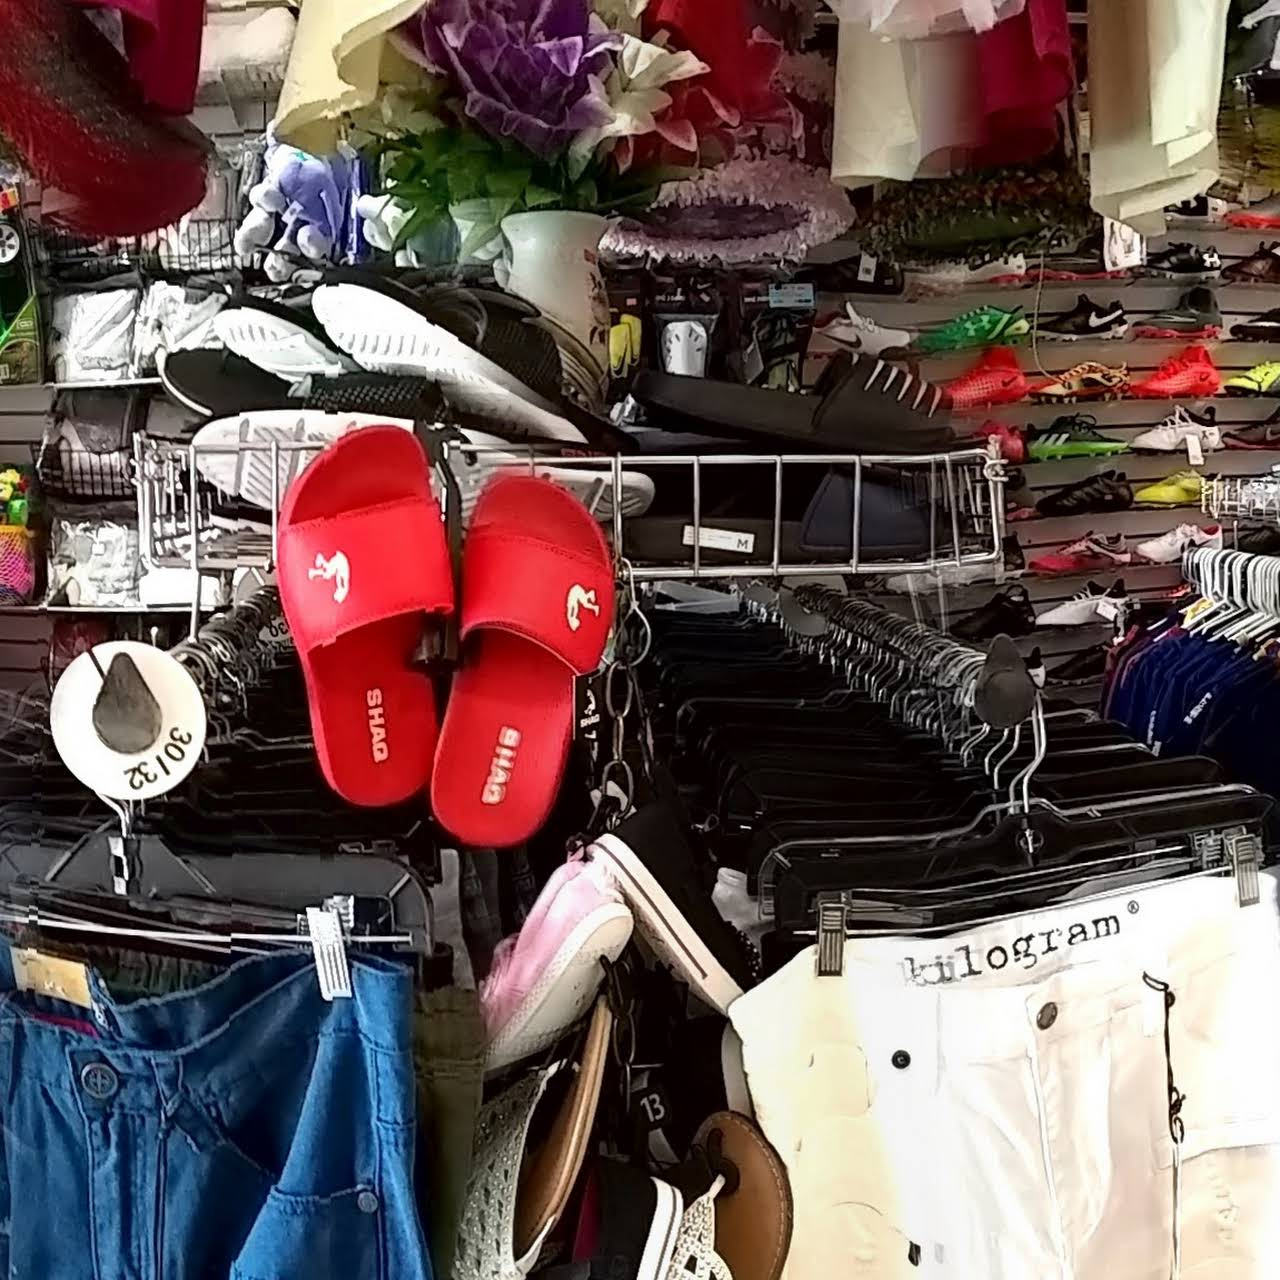 404ed2c0a0e La Sirenita - General Store in Allston